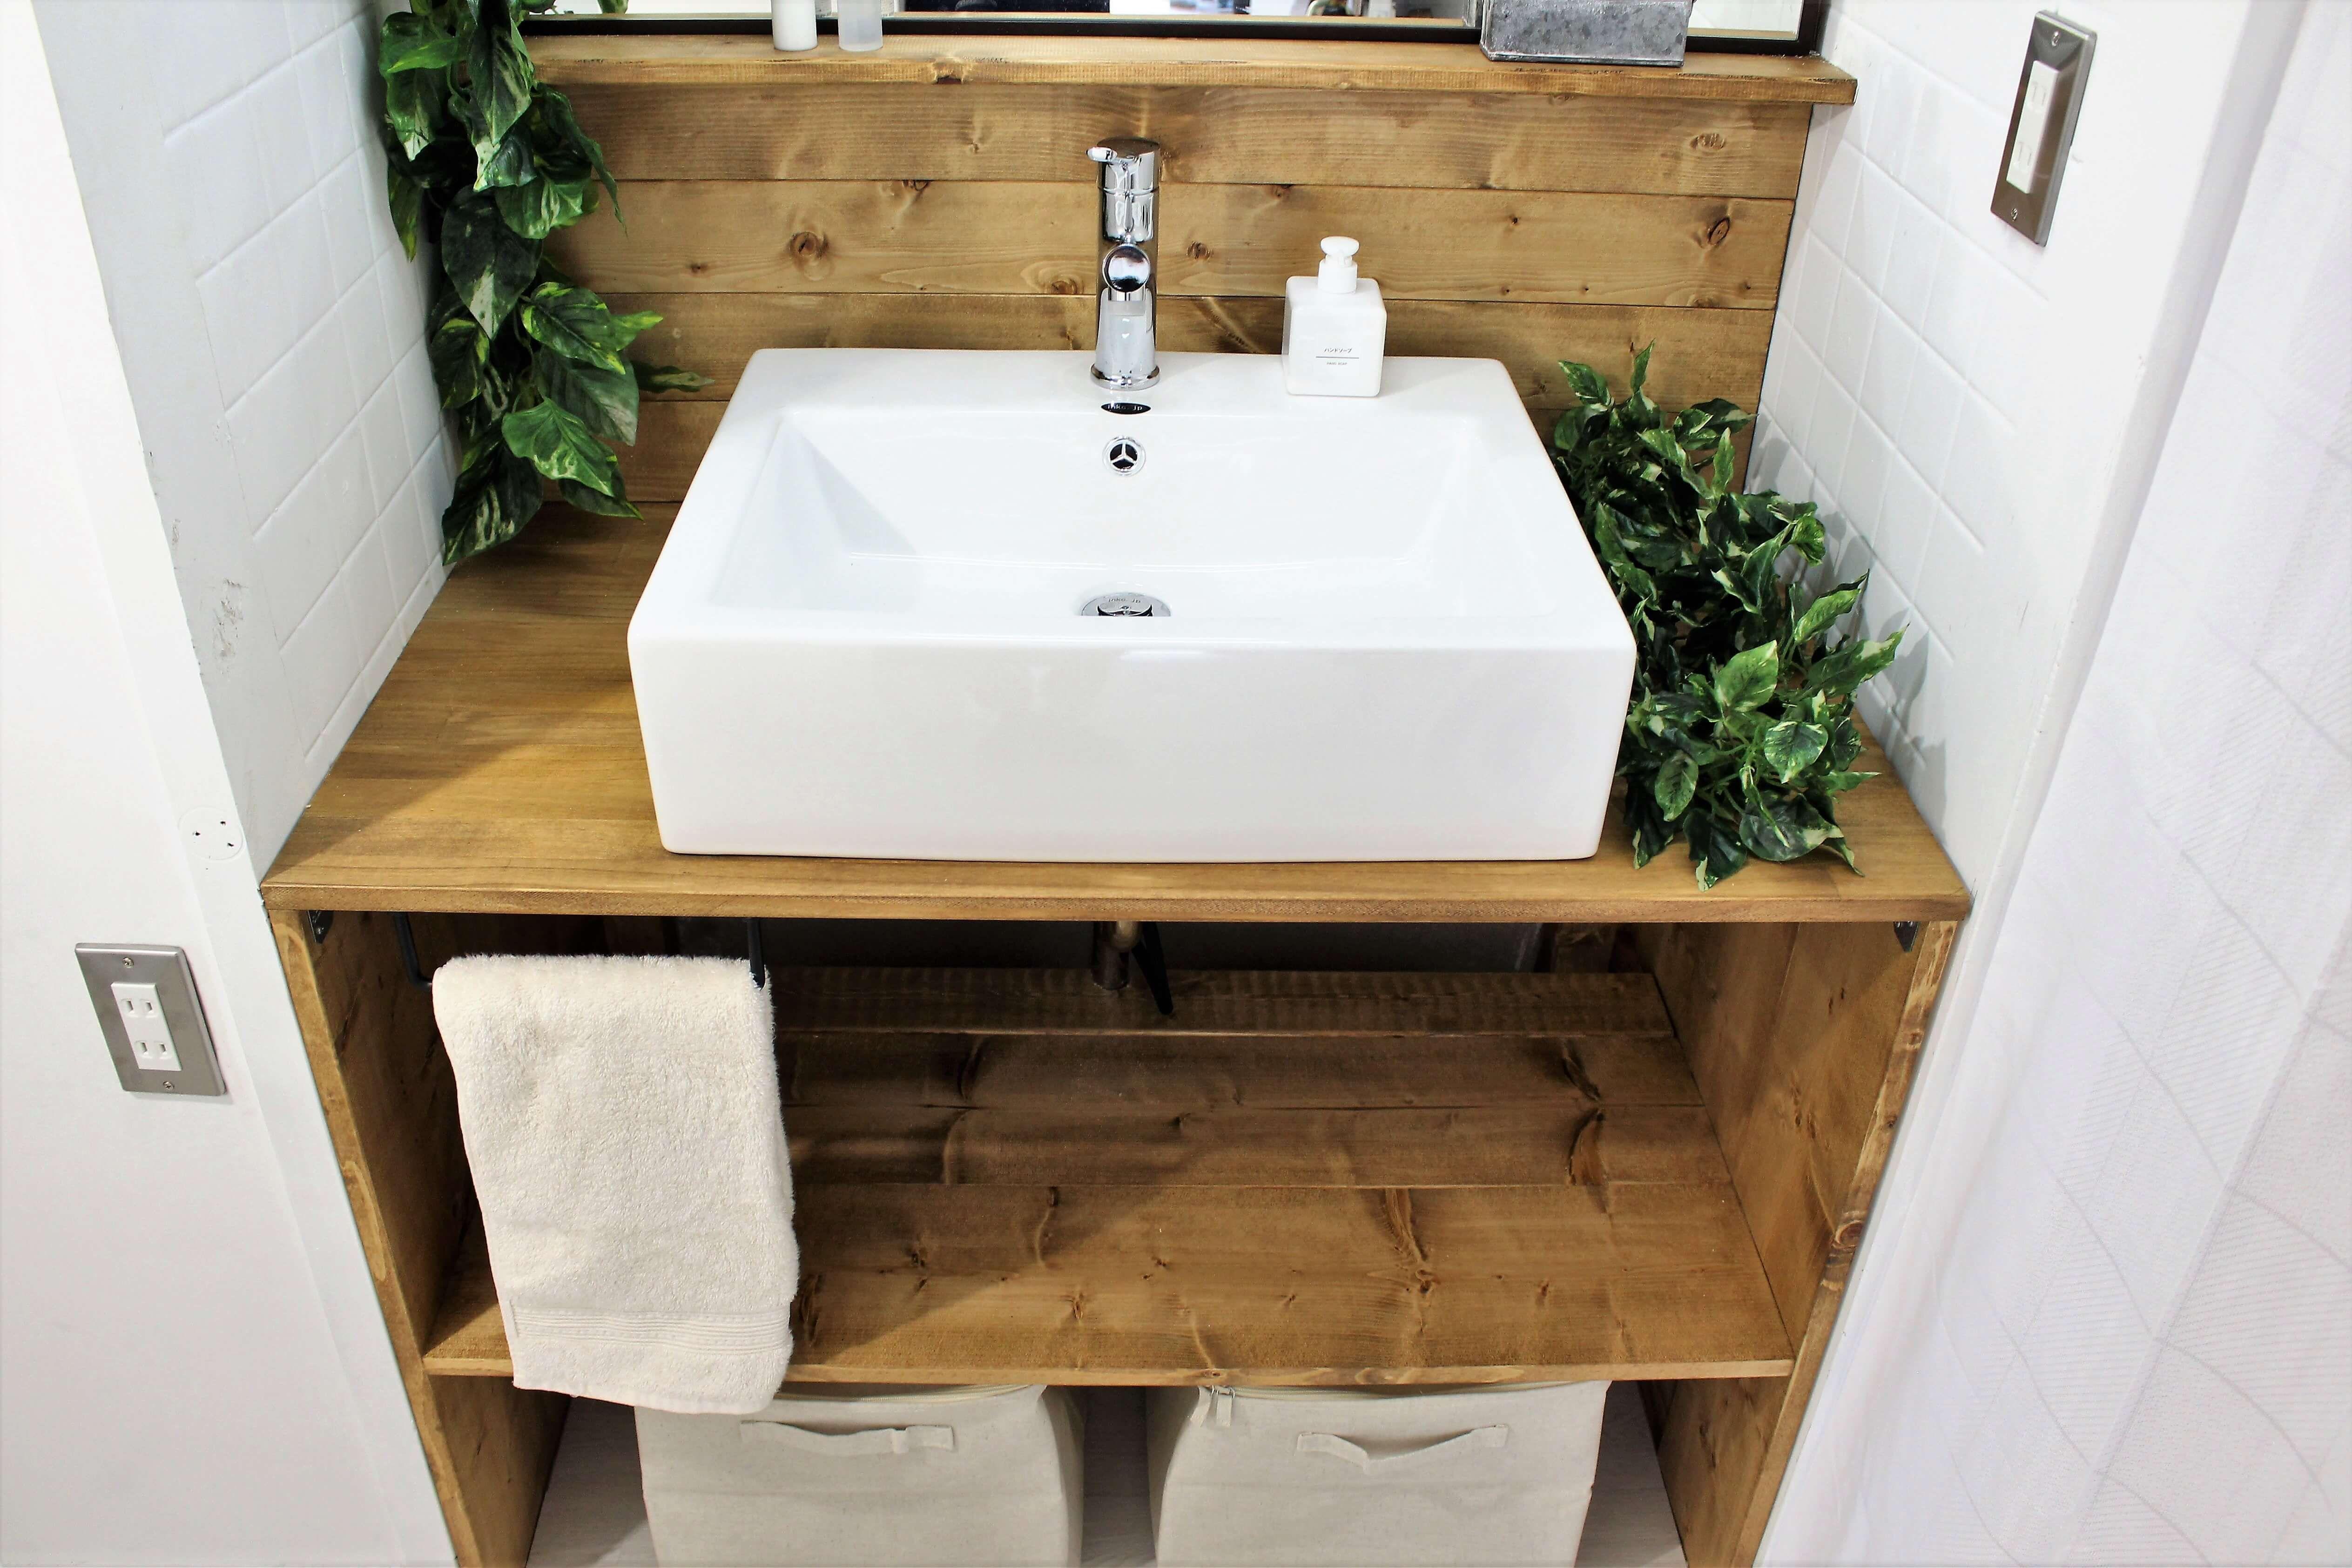 Diyで洗面化粧台を交換 洗面ボウルでおしゃれな洗面台を自作して洗面